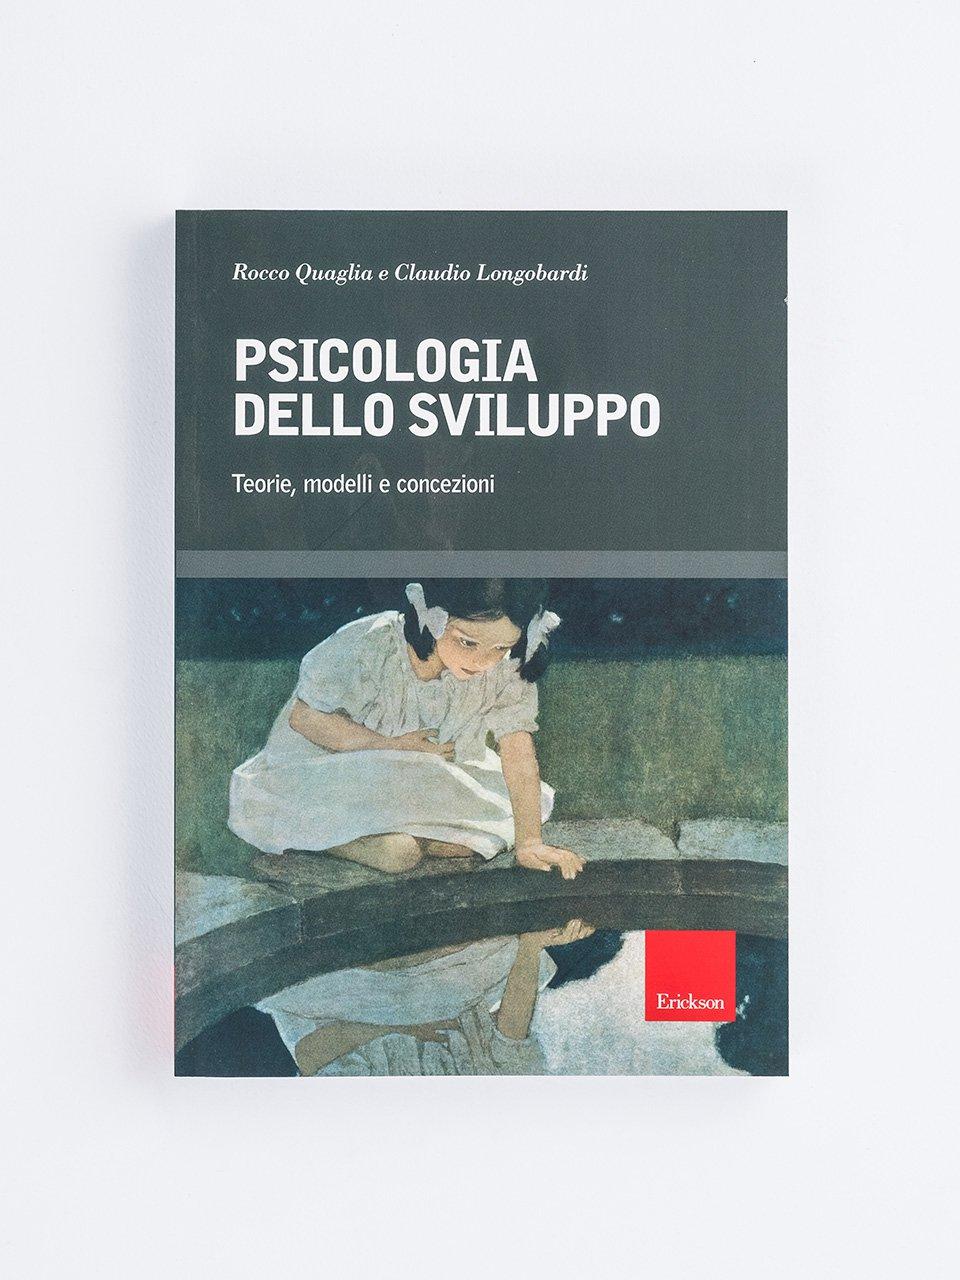 Psicologia dello sviluppo - Libri - Erickson